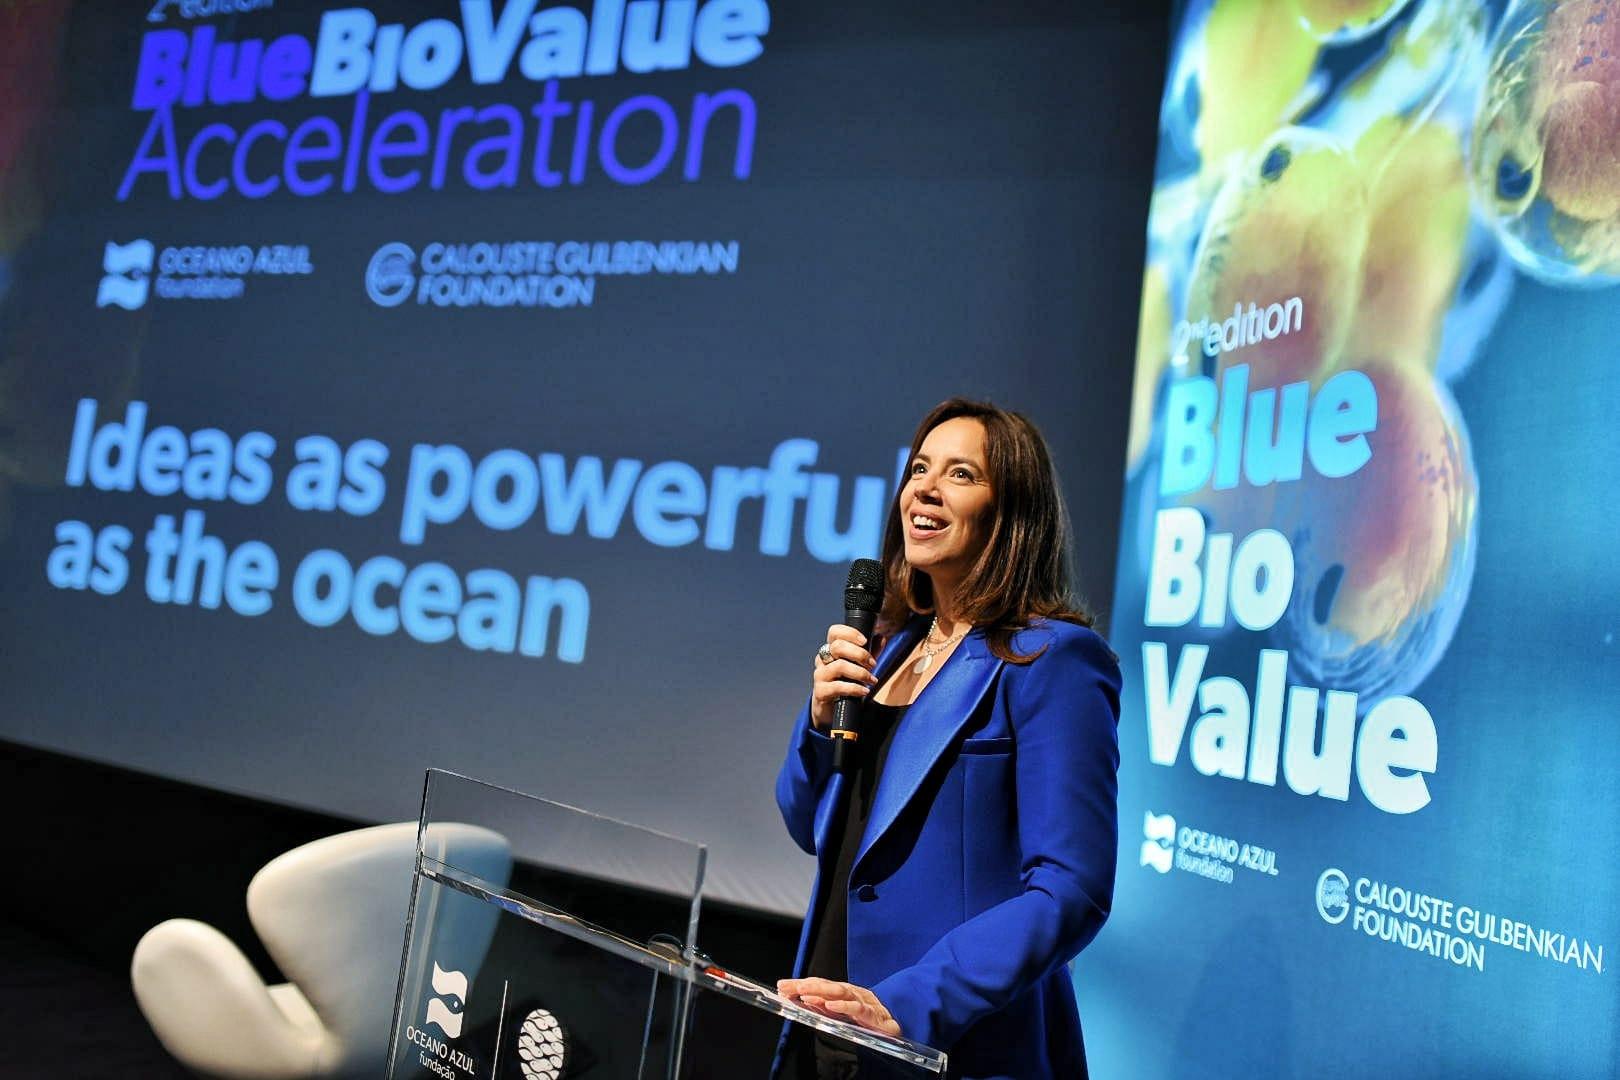 Helena Vieira, Full Associate Professor at Faculdade de Ciências da Universidade de Lisboa, entrepreneur, marine biotechnology expert.